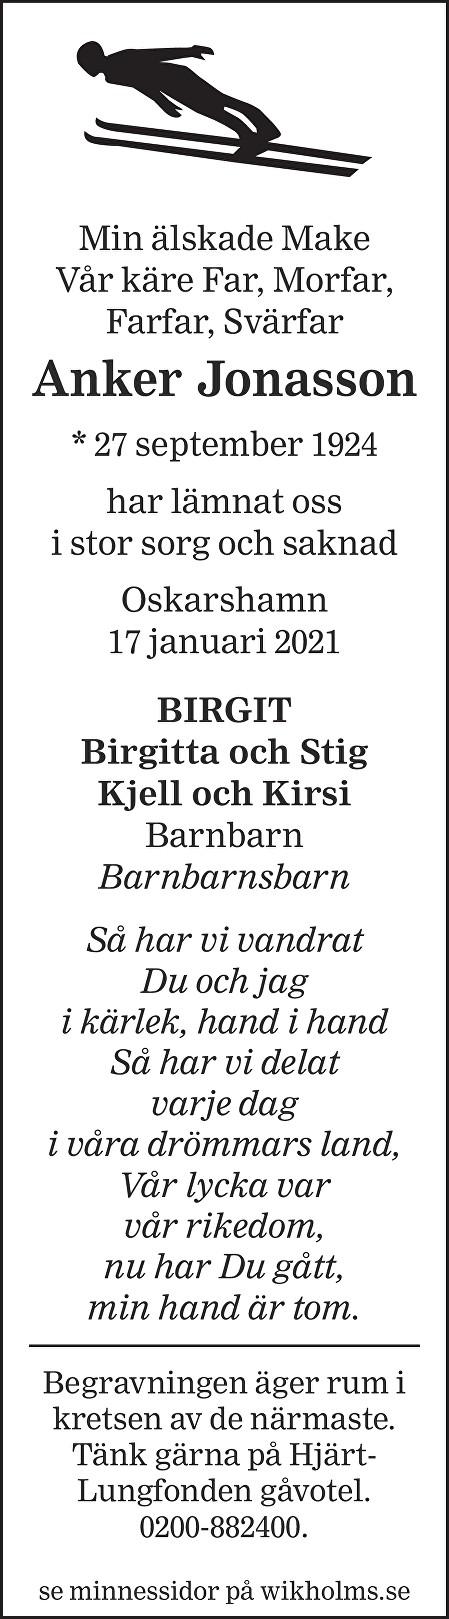 Anker Jonasson Death notice